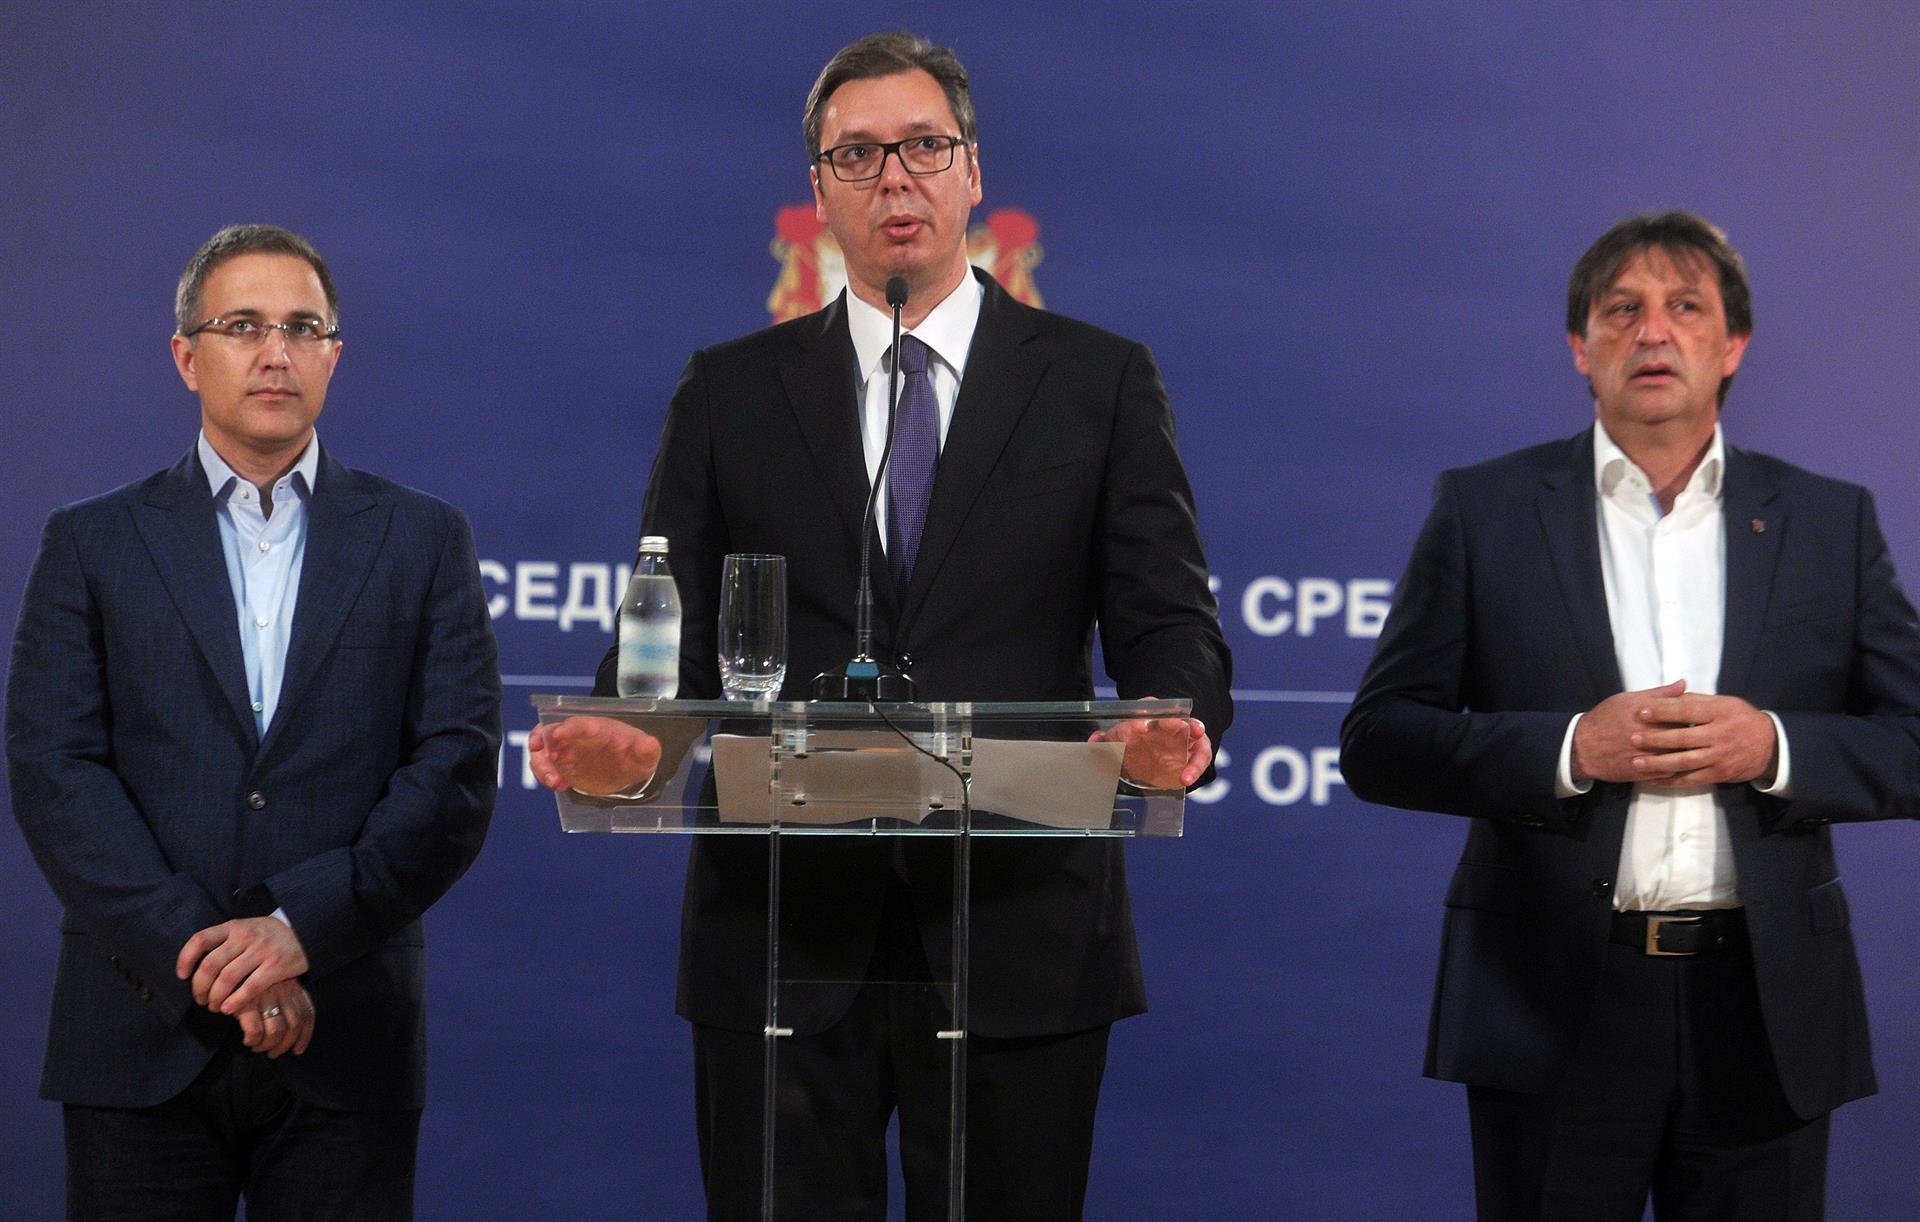 KRAJ DRAME/ Vučić: Cvetković je živ i zdrav- policija ga ispituje!